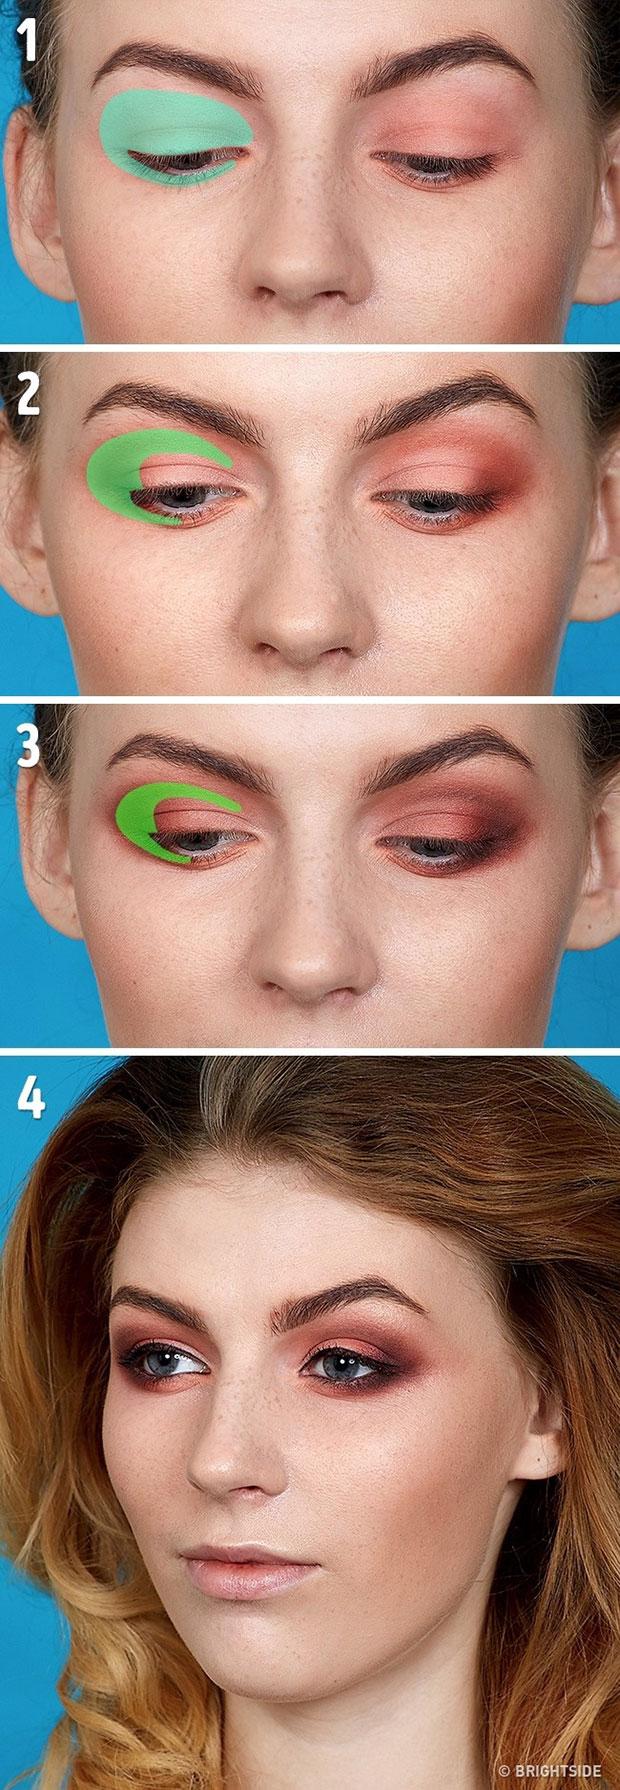 เทคนิคการแต่งตาแบบคลาสสิค